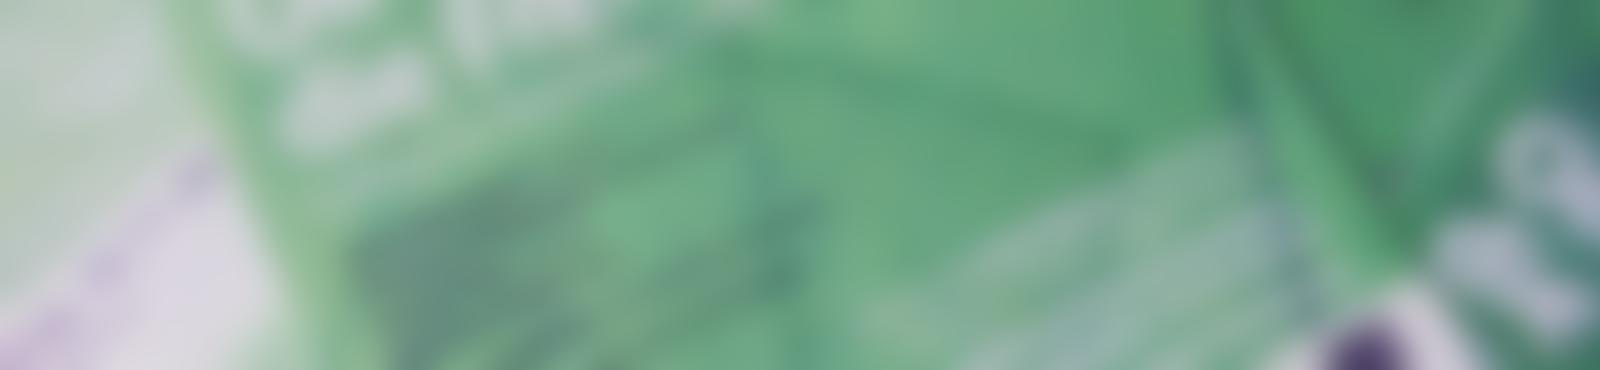 Blurred d4525e32 ffe1 4eb0 a7c4 41672ef88046